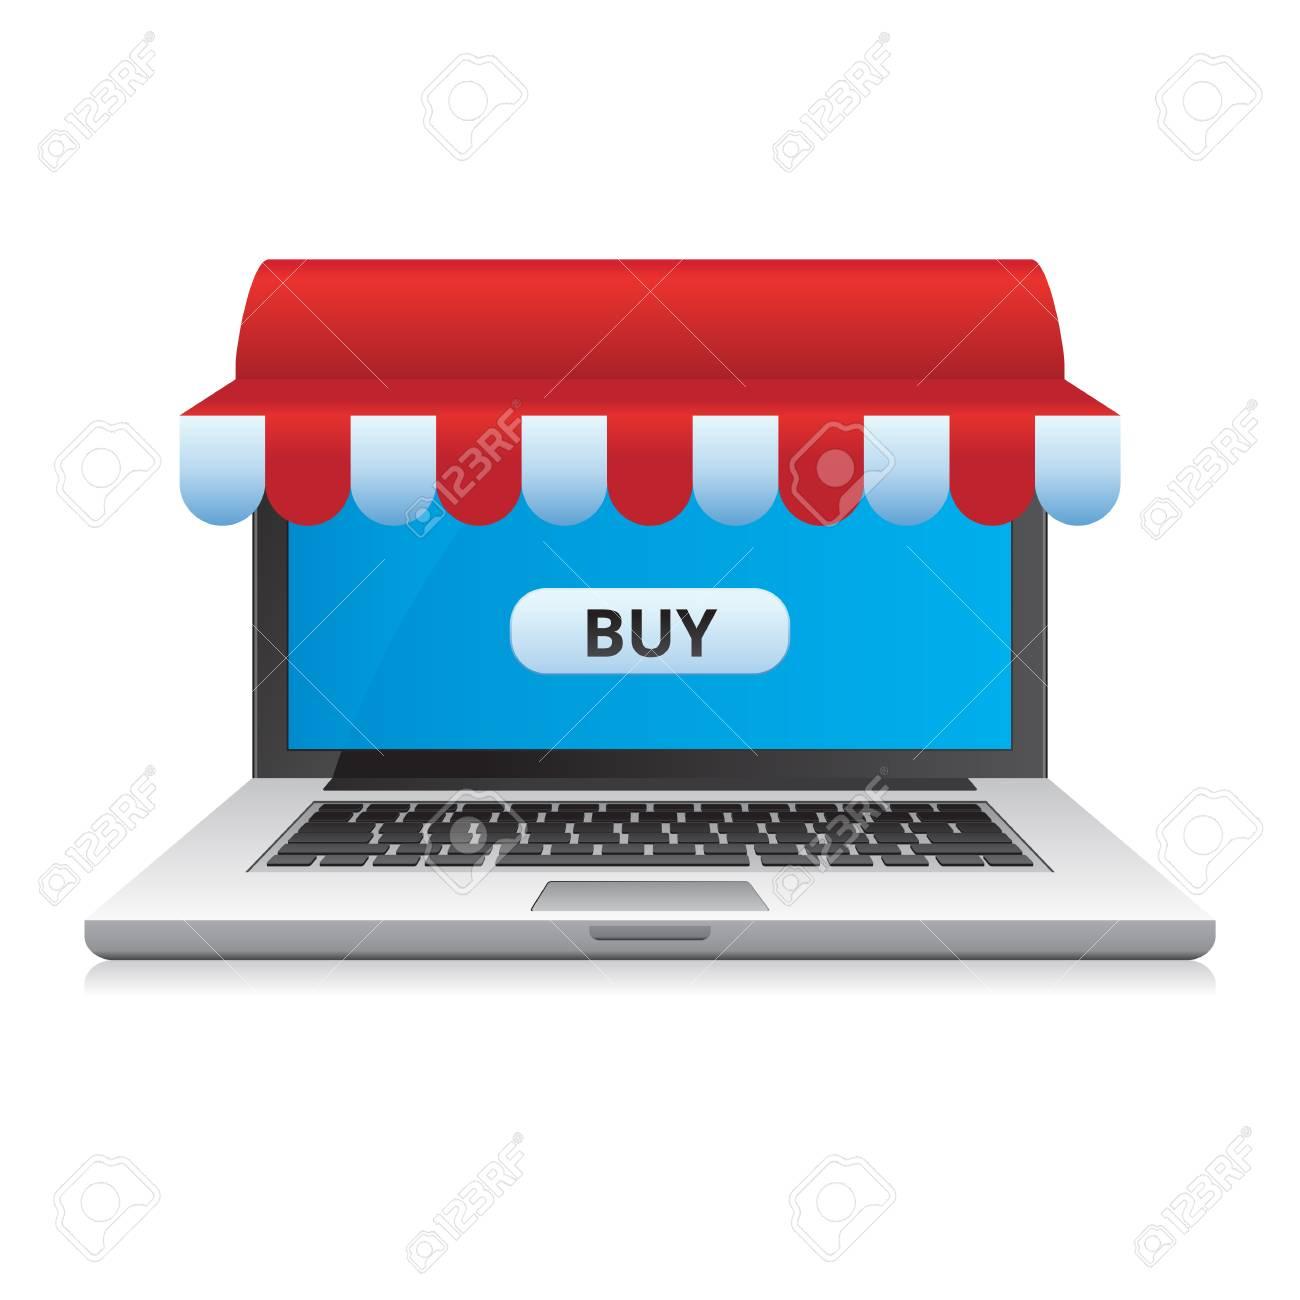 Tiendas De Ordenadores Online.Ordenador Portatil Con Toldo Cinta Roja Y Blanca Tienda Online